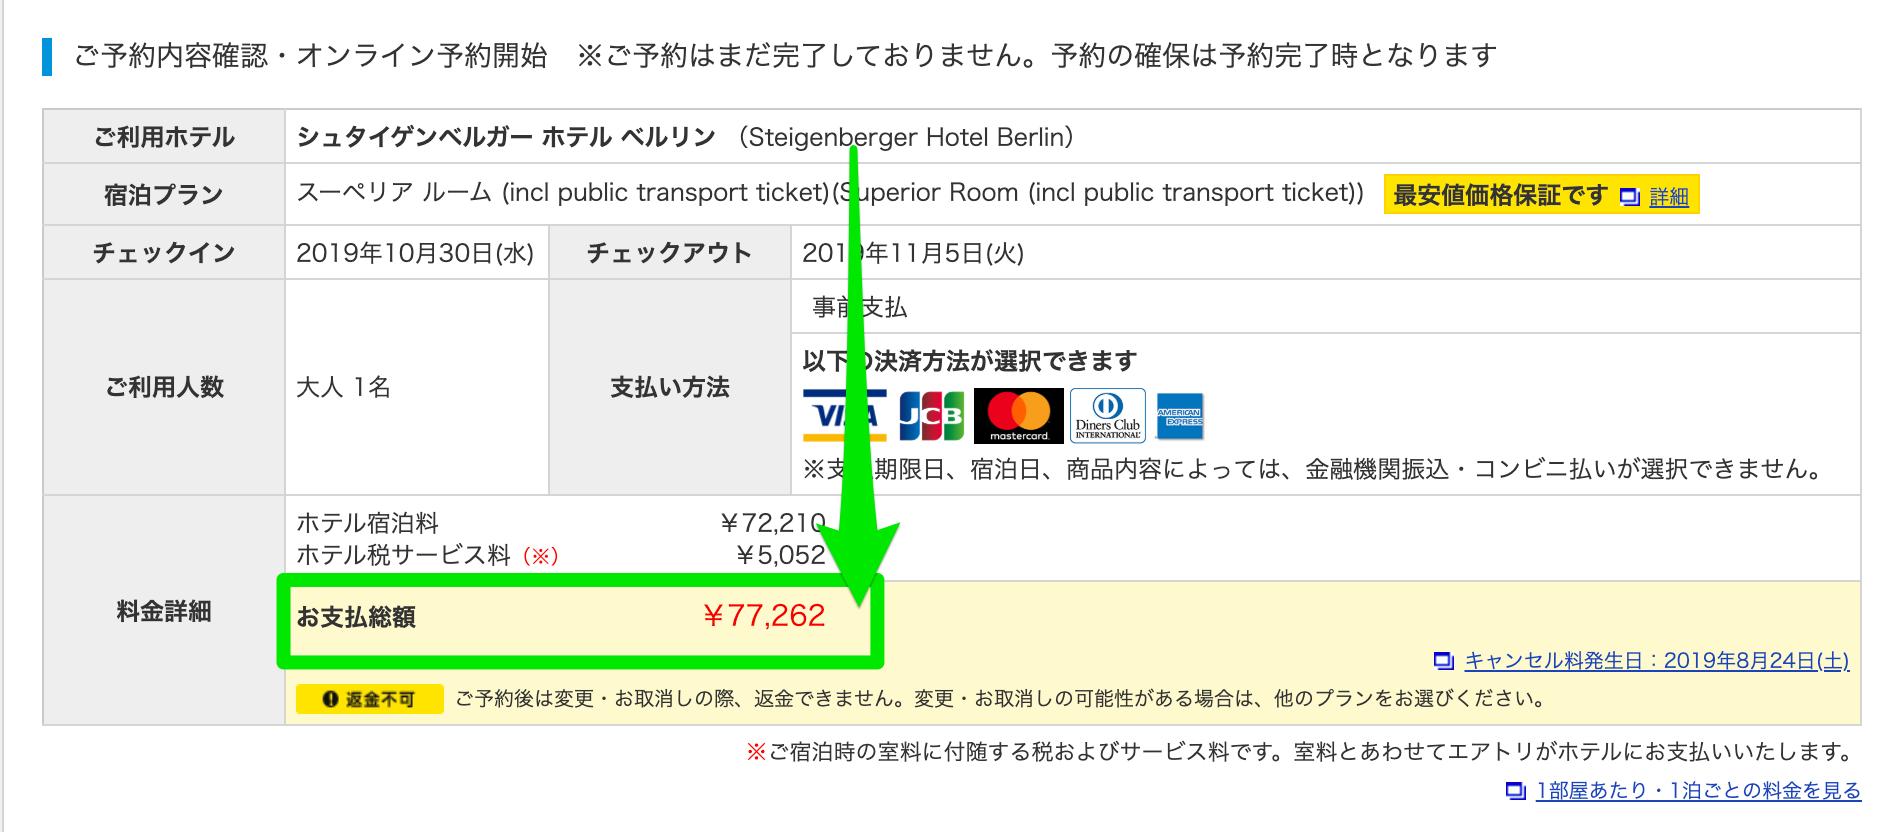 エアトリで海外航空券と海外ホテルを別々に予約した場合の海外ホテルの値段